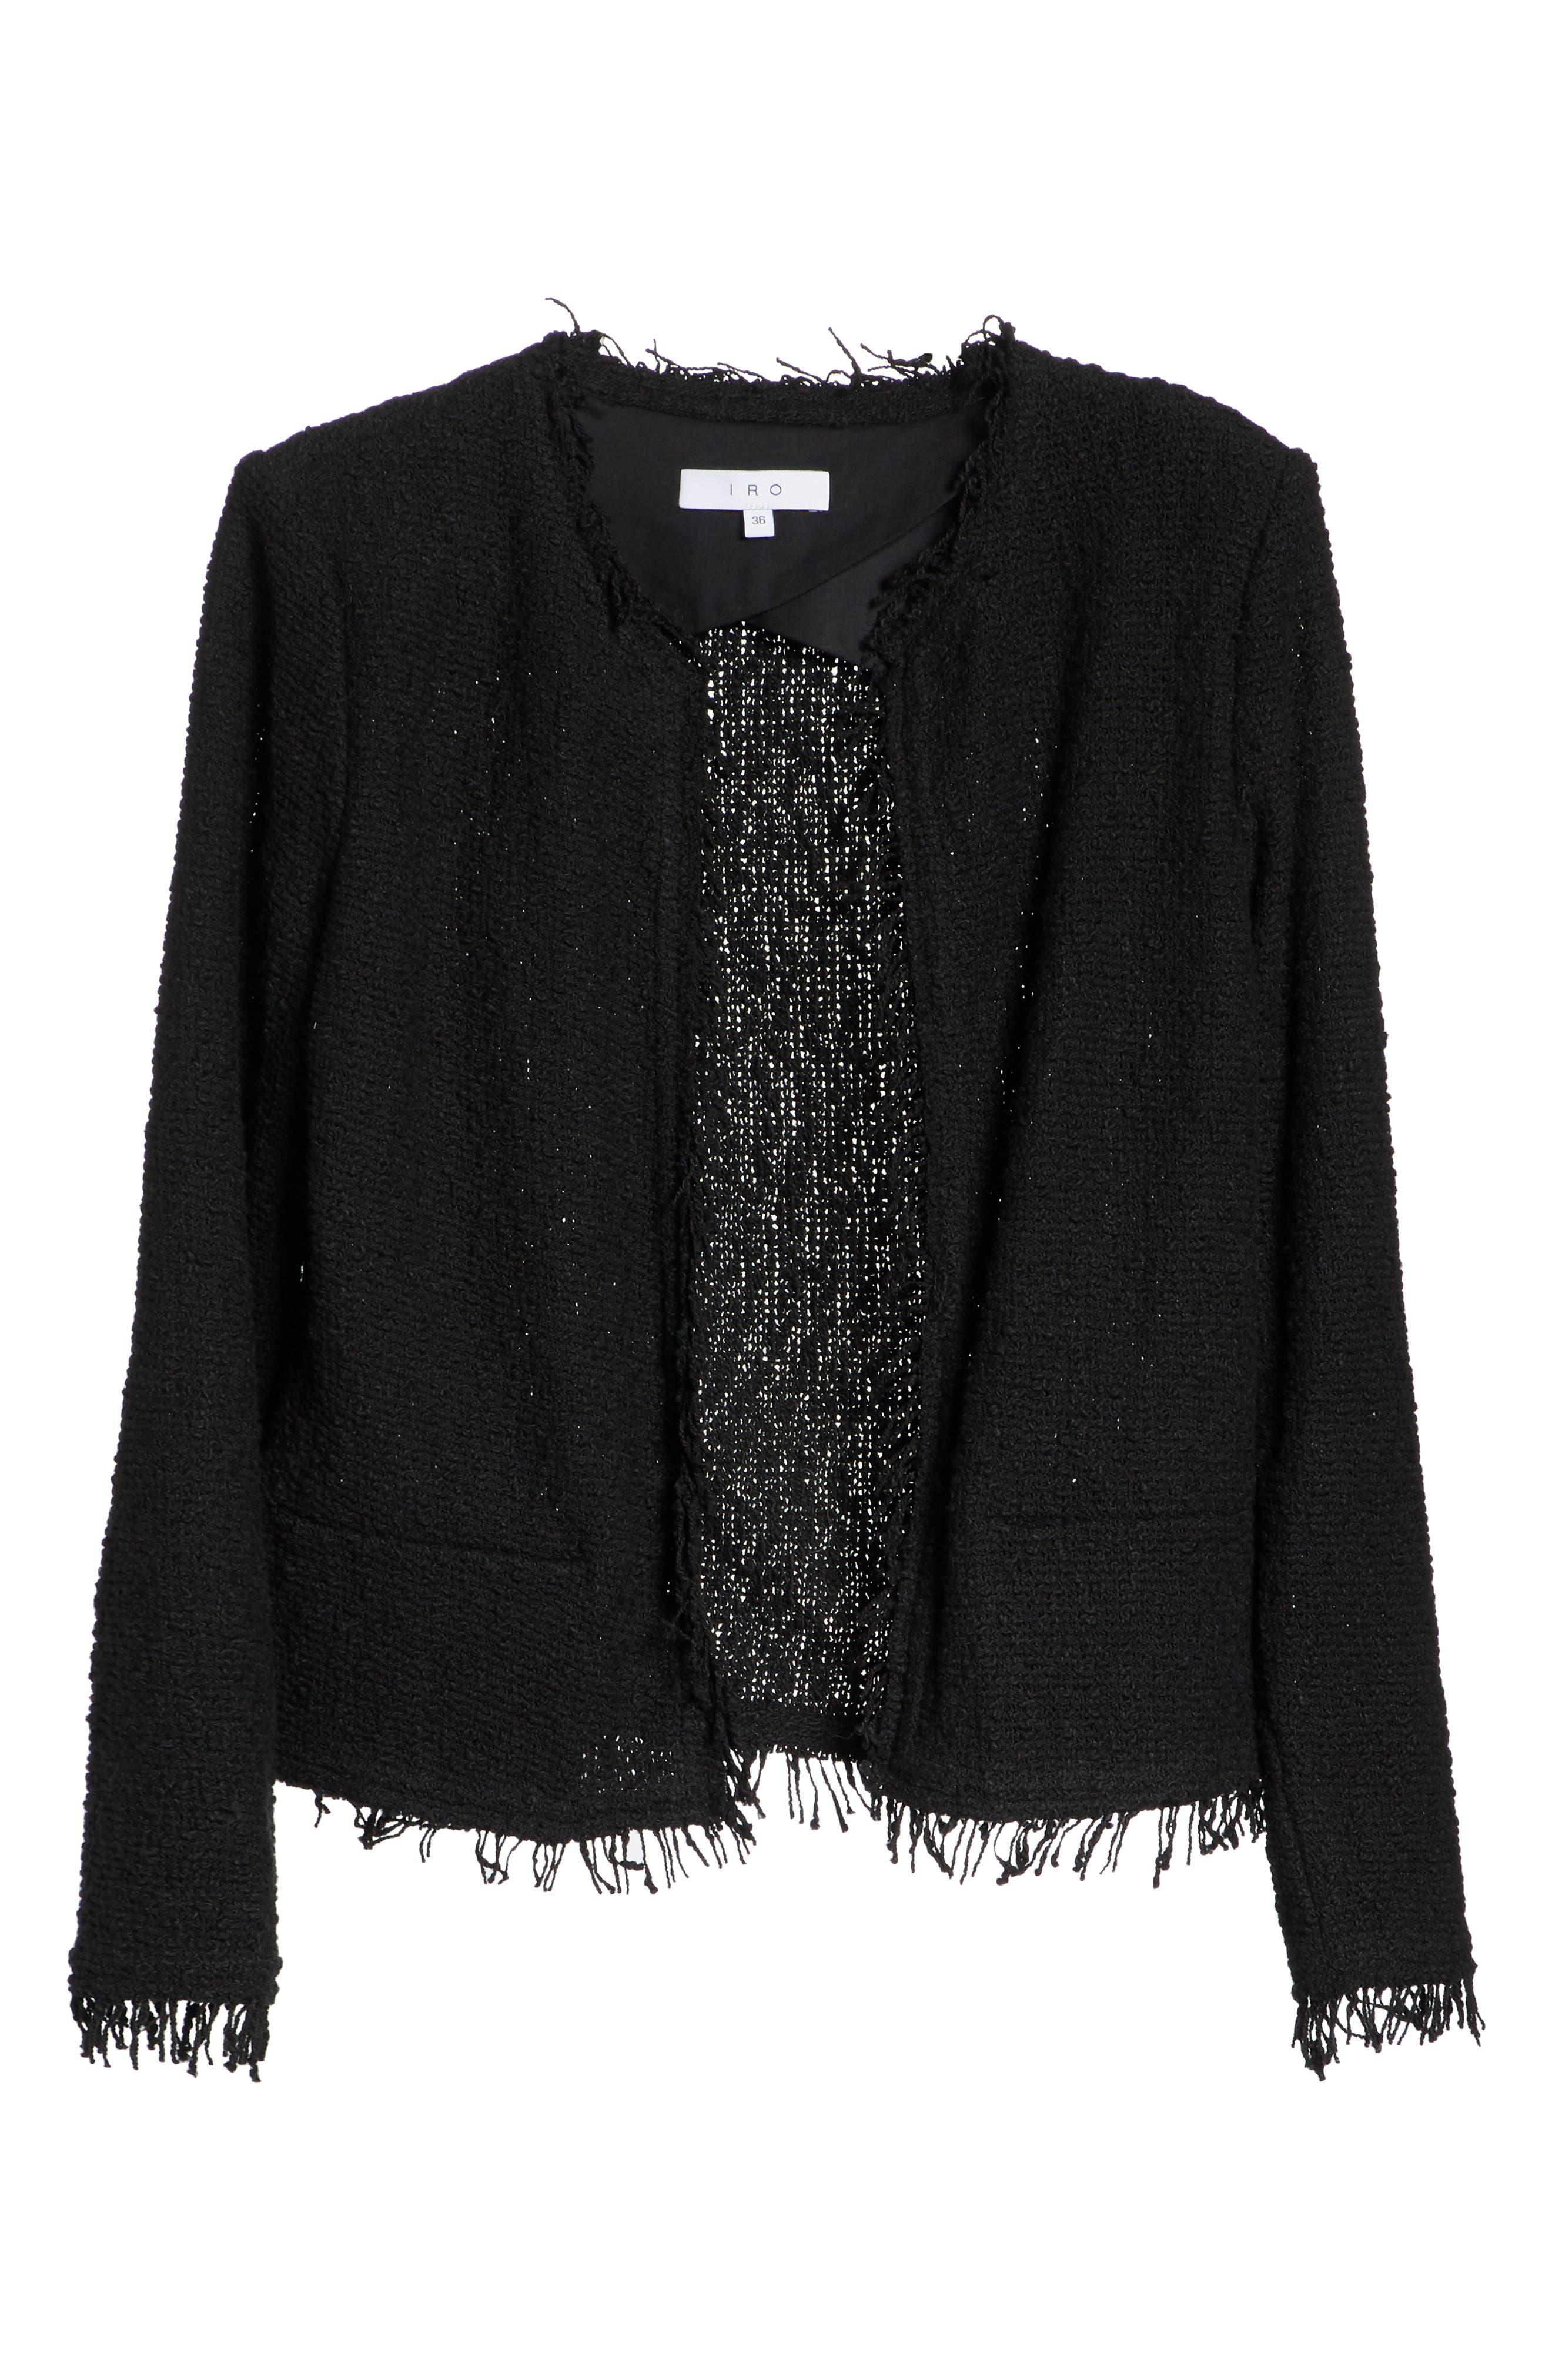 Shavani Tweed Jacket,                             Alternate thumbnail 5, color,                             001